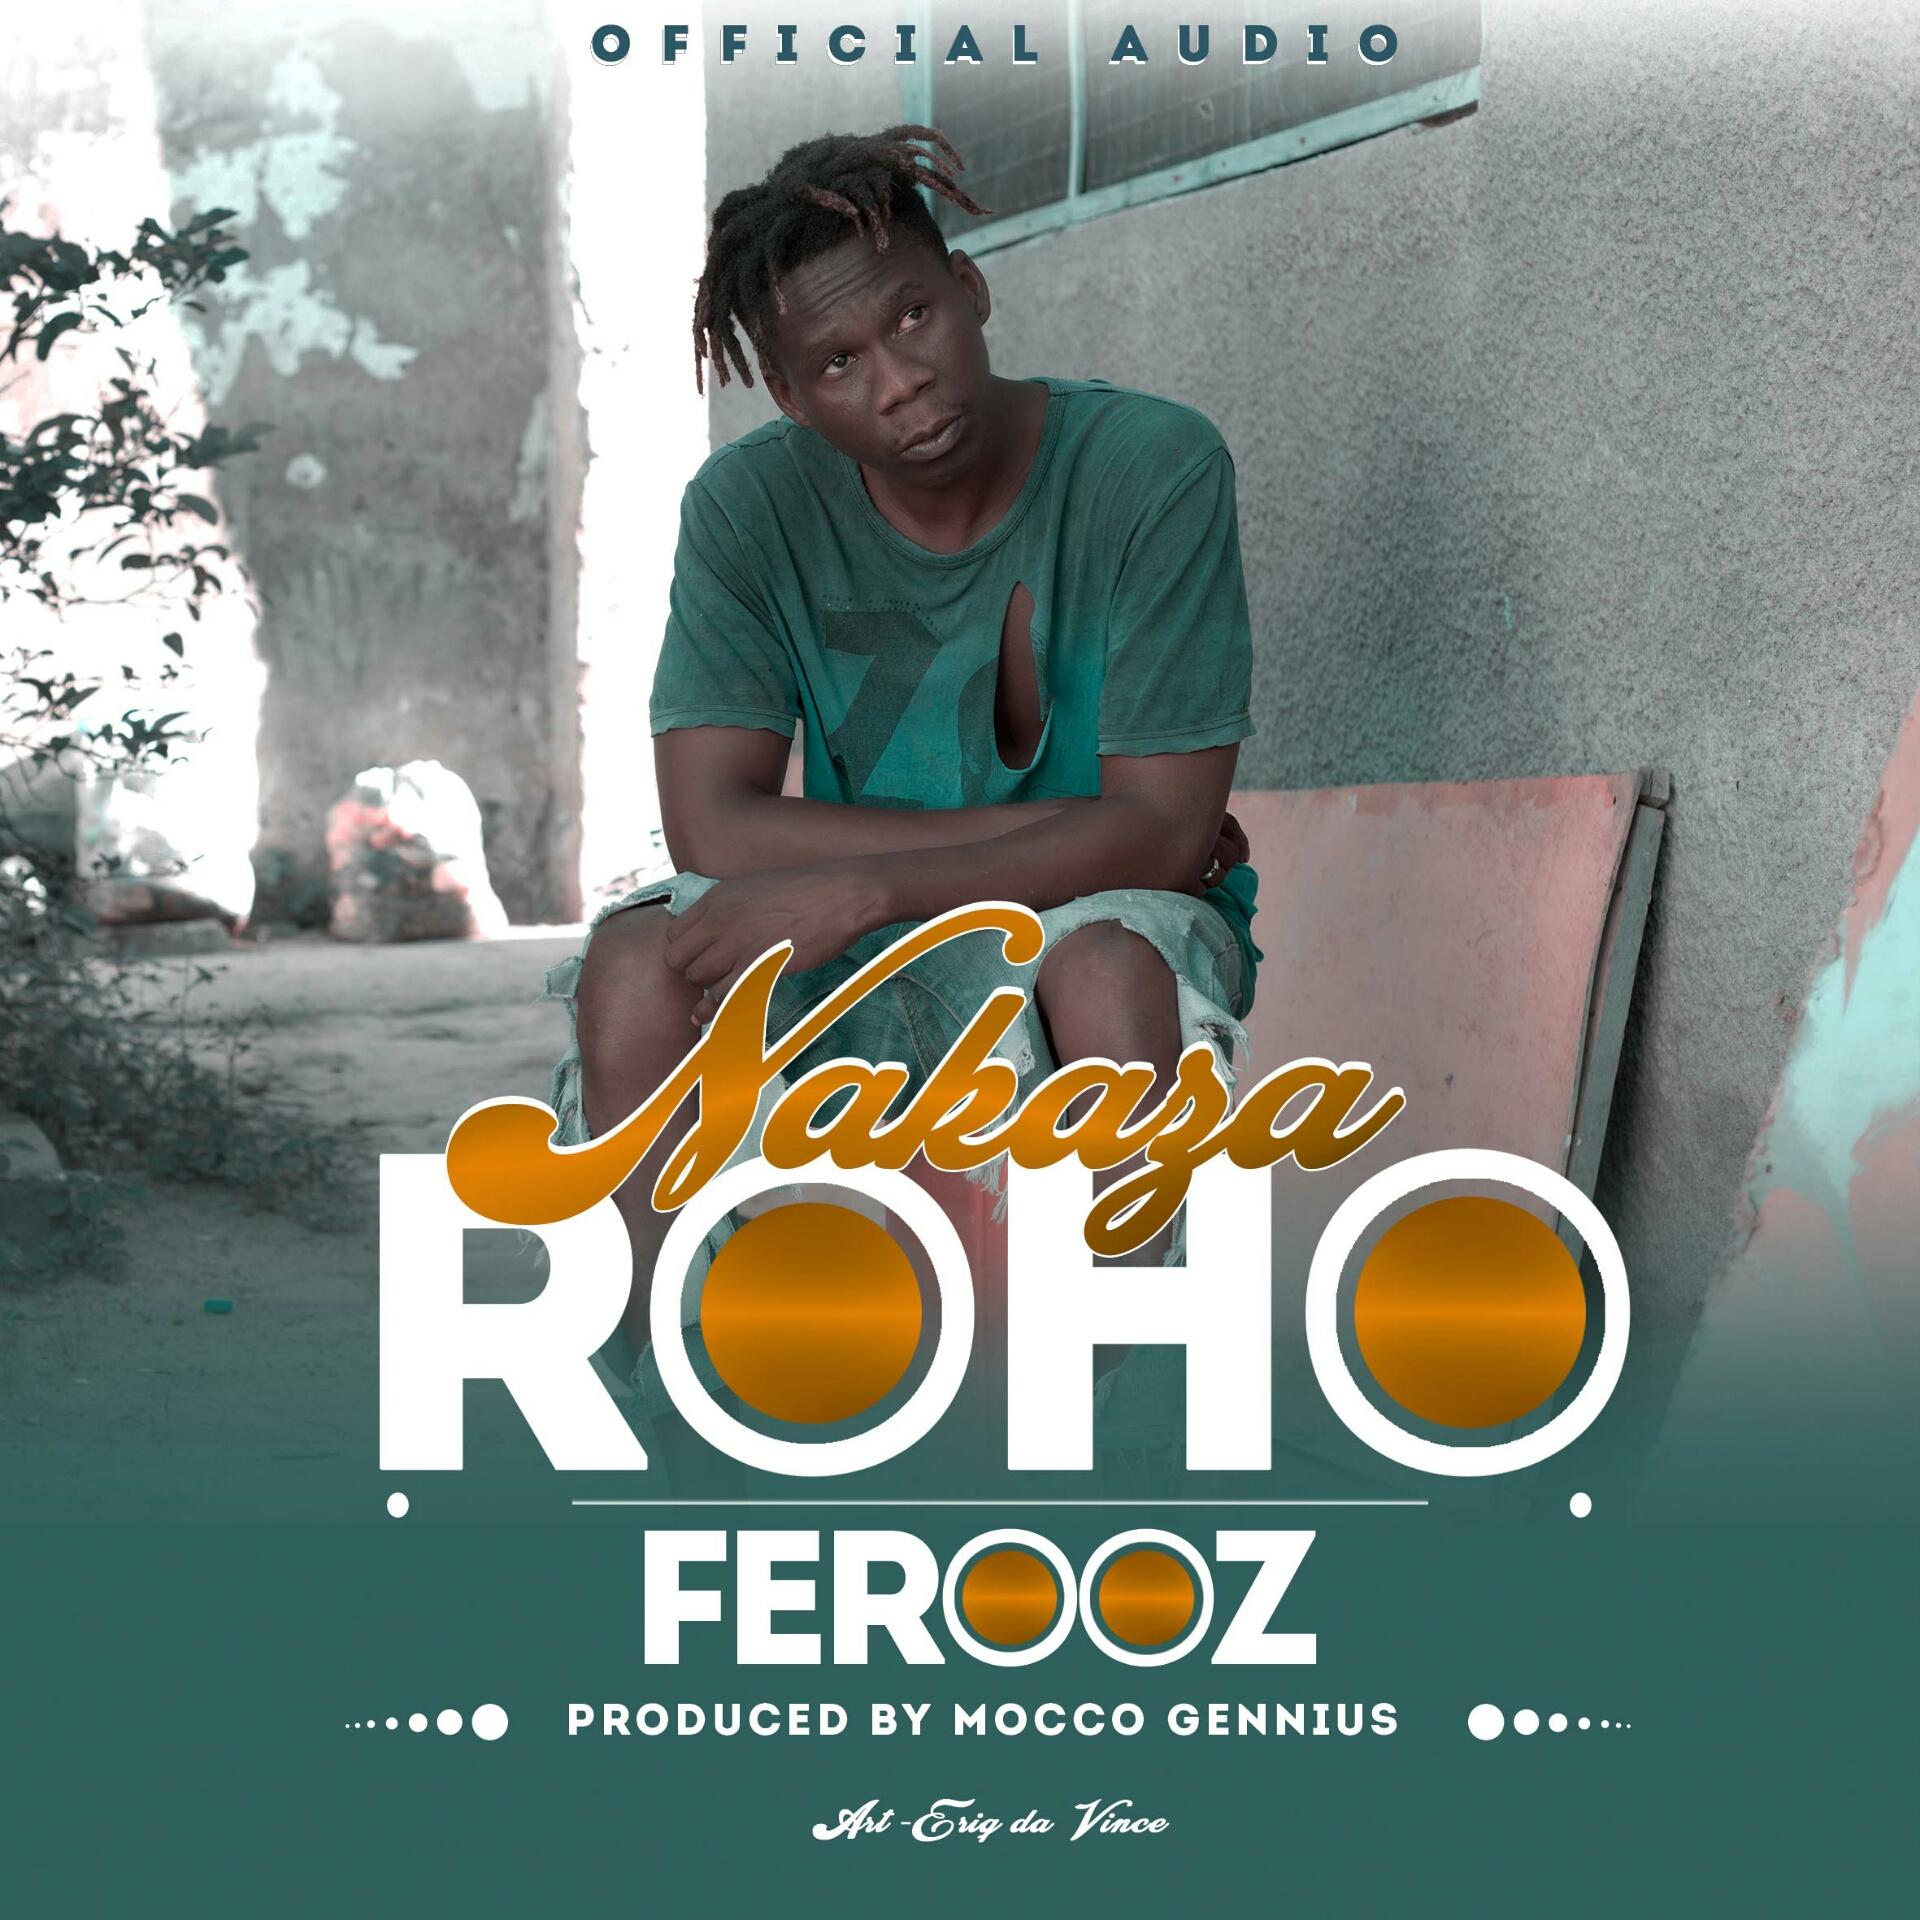 Ferooz - Ferooz - Nakazaroho instrumental